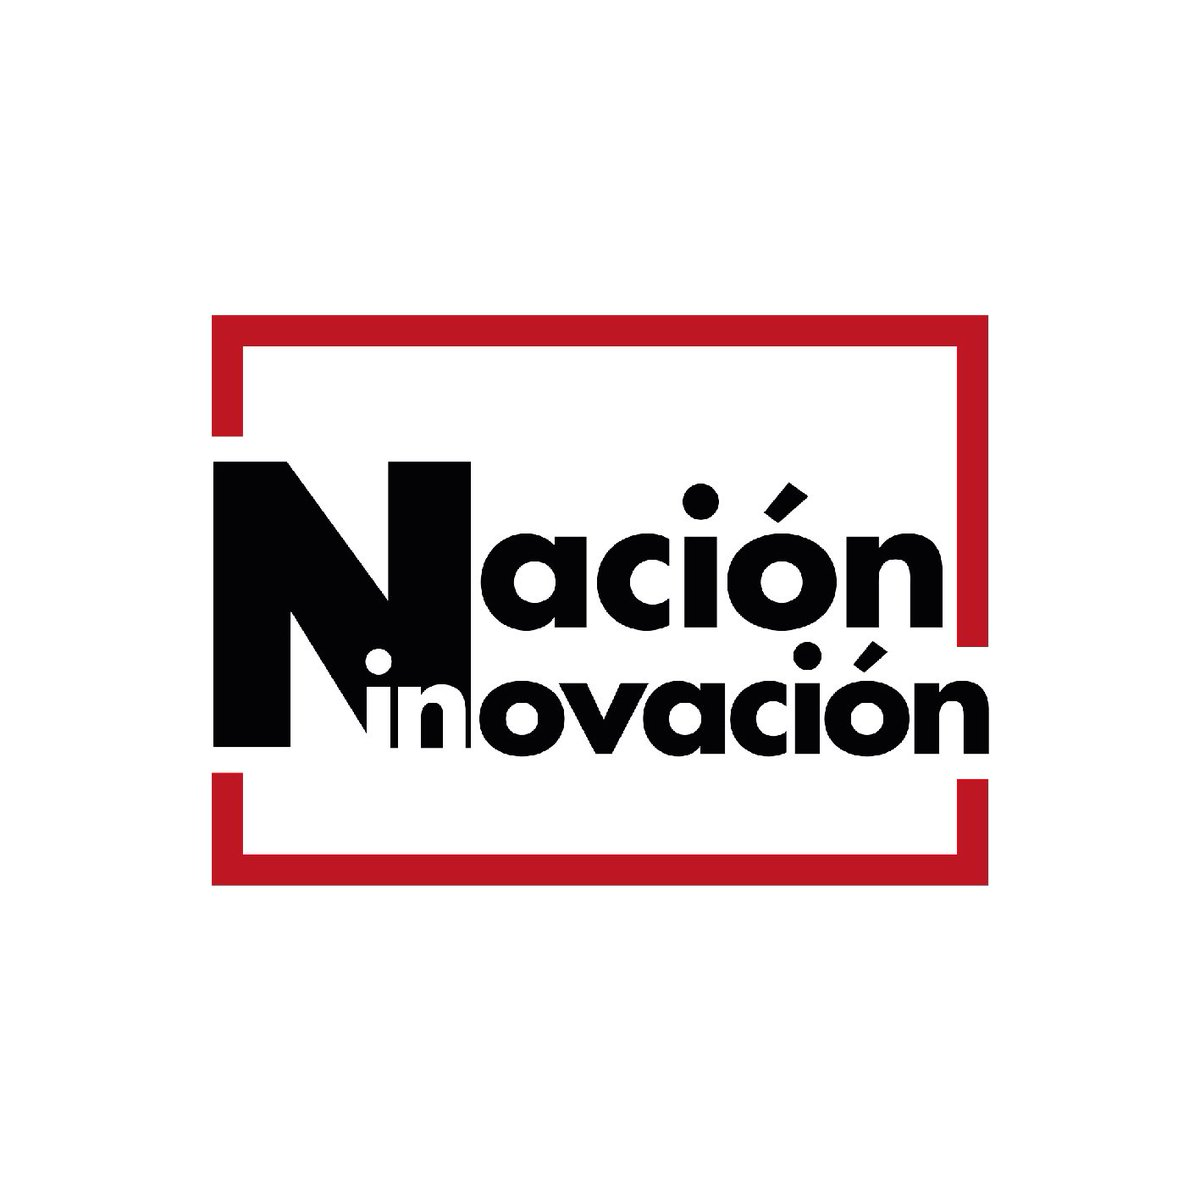 La Innovación en Alcobendas y mejoras en los procesos de traducción gracias a la IA, en el segundo programa de Nación Innovación